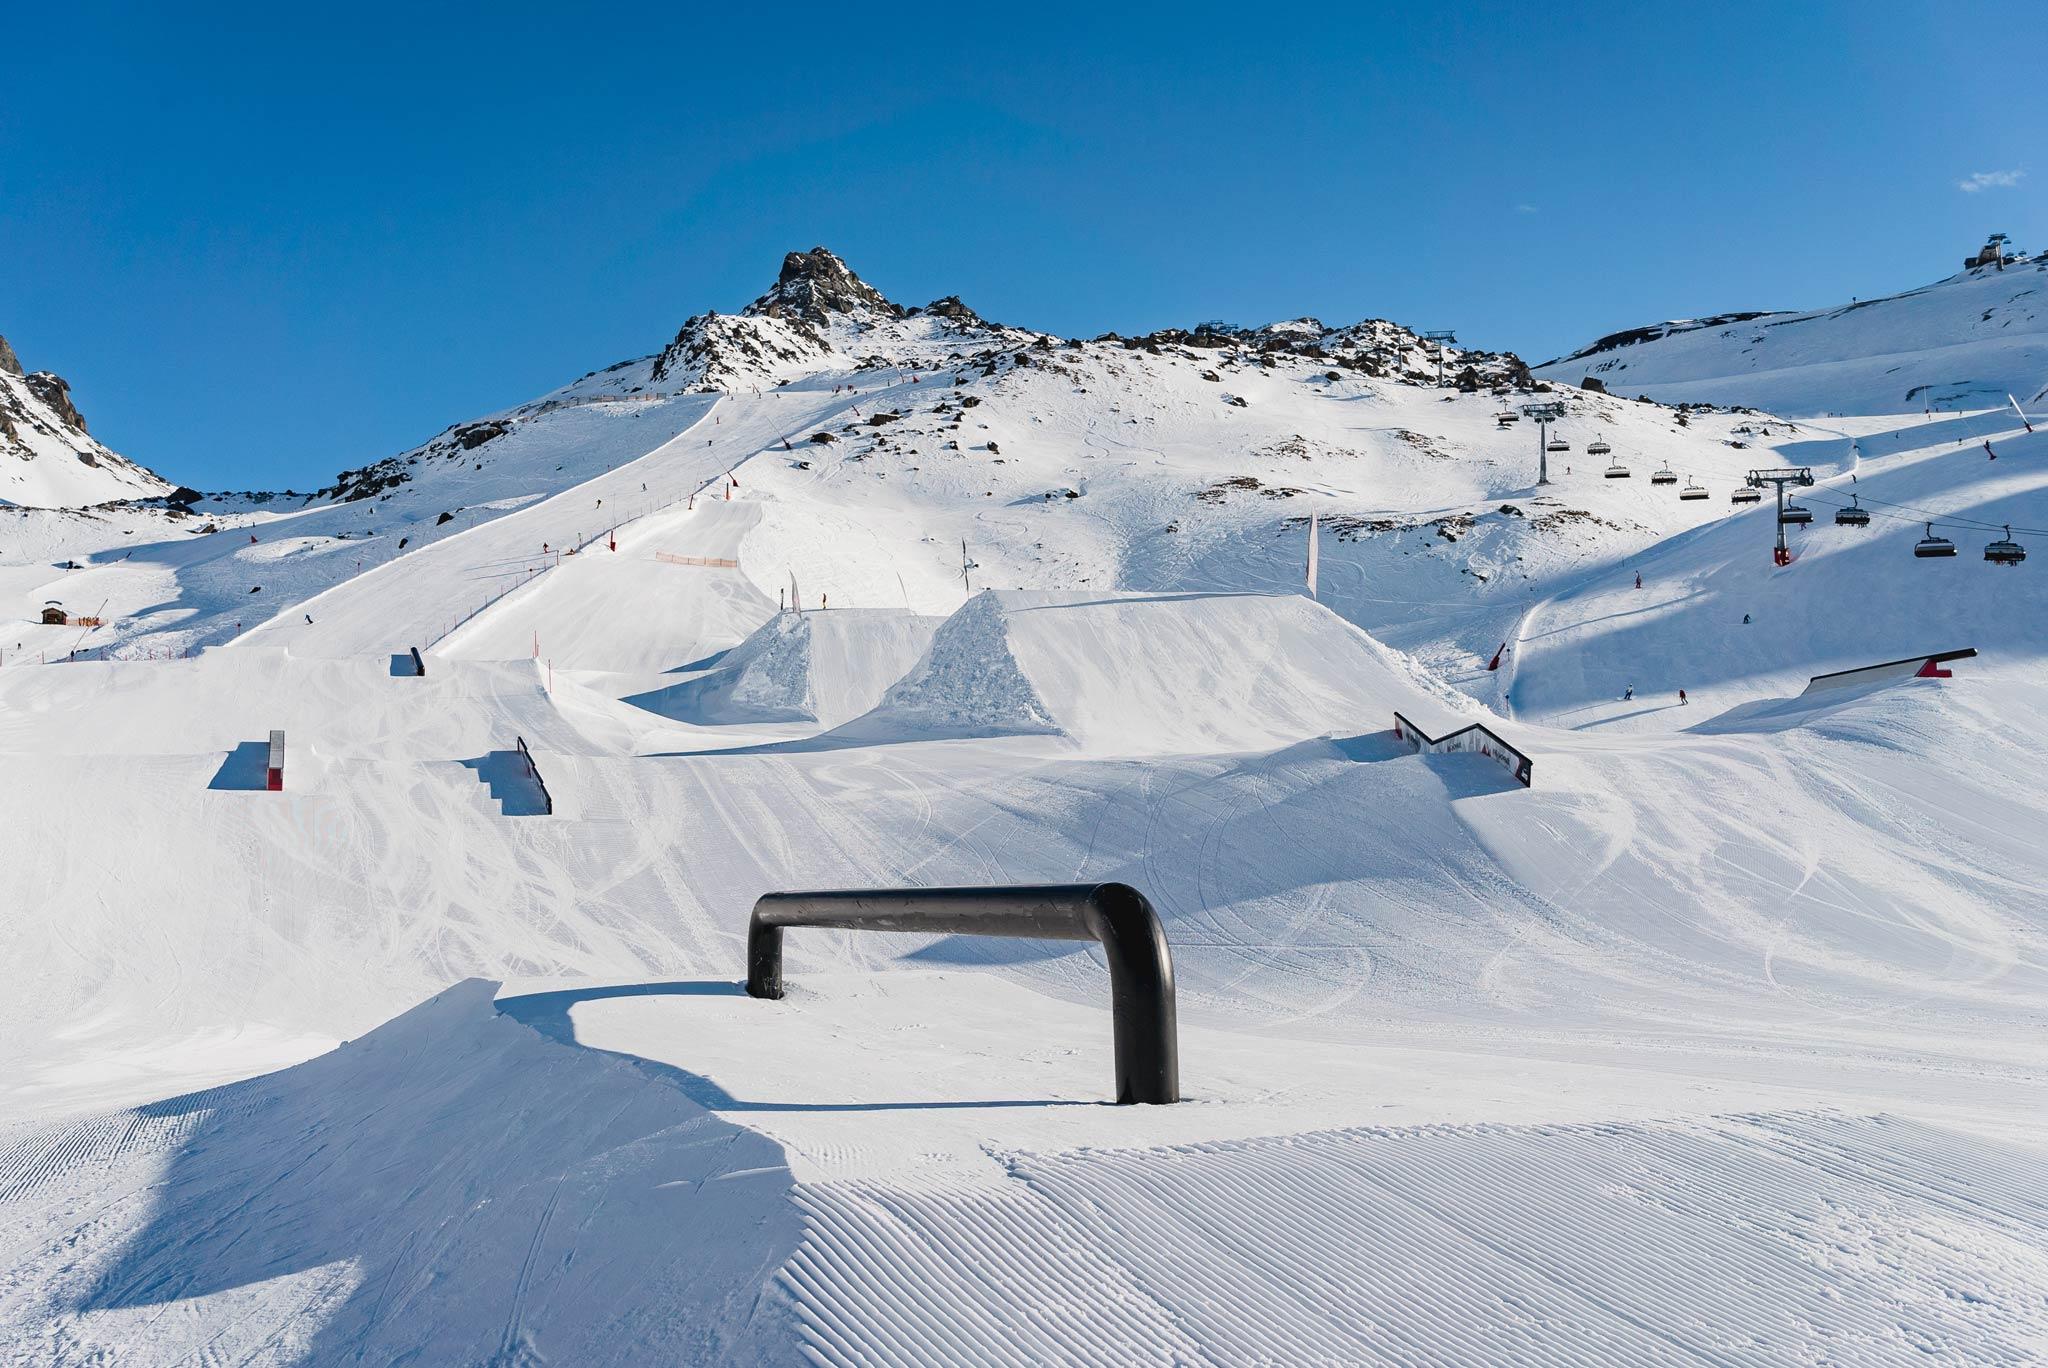 Der Blick von der Park Chill Area auf den unteren Abschnitt des Snowpark Ischgl.